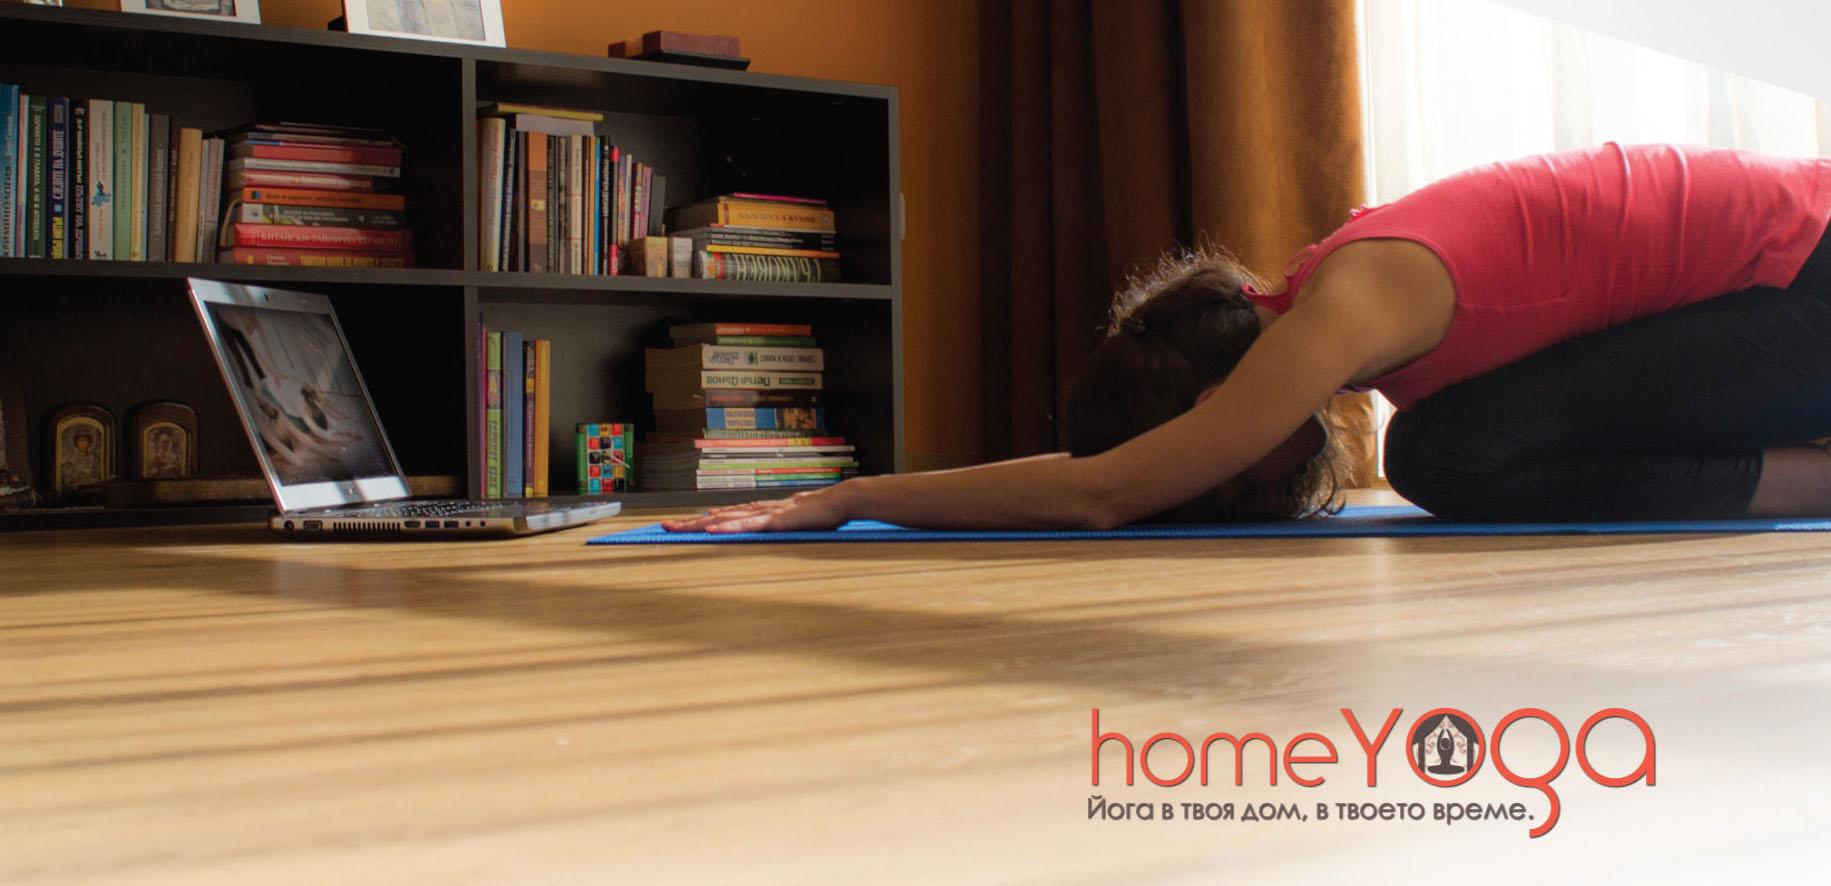 HomeYoga.BG - достъпна йога за всеки, по всяко време